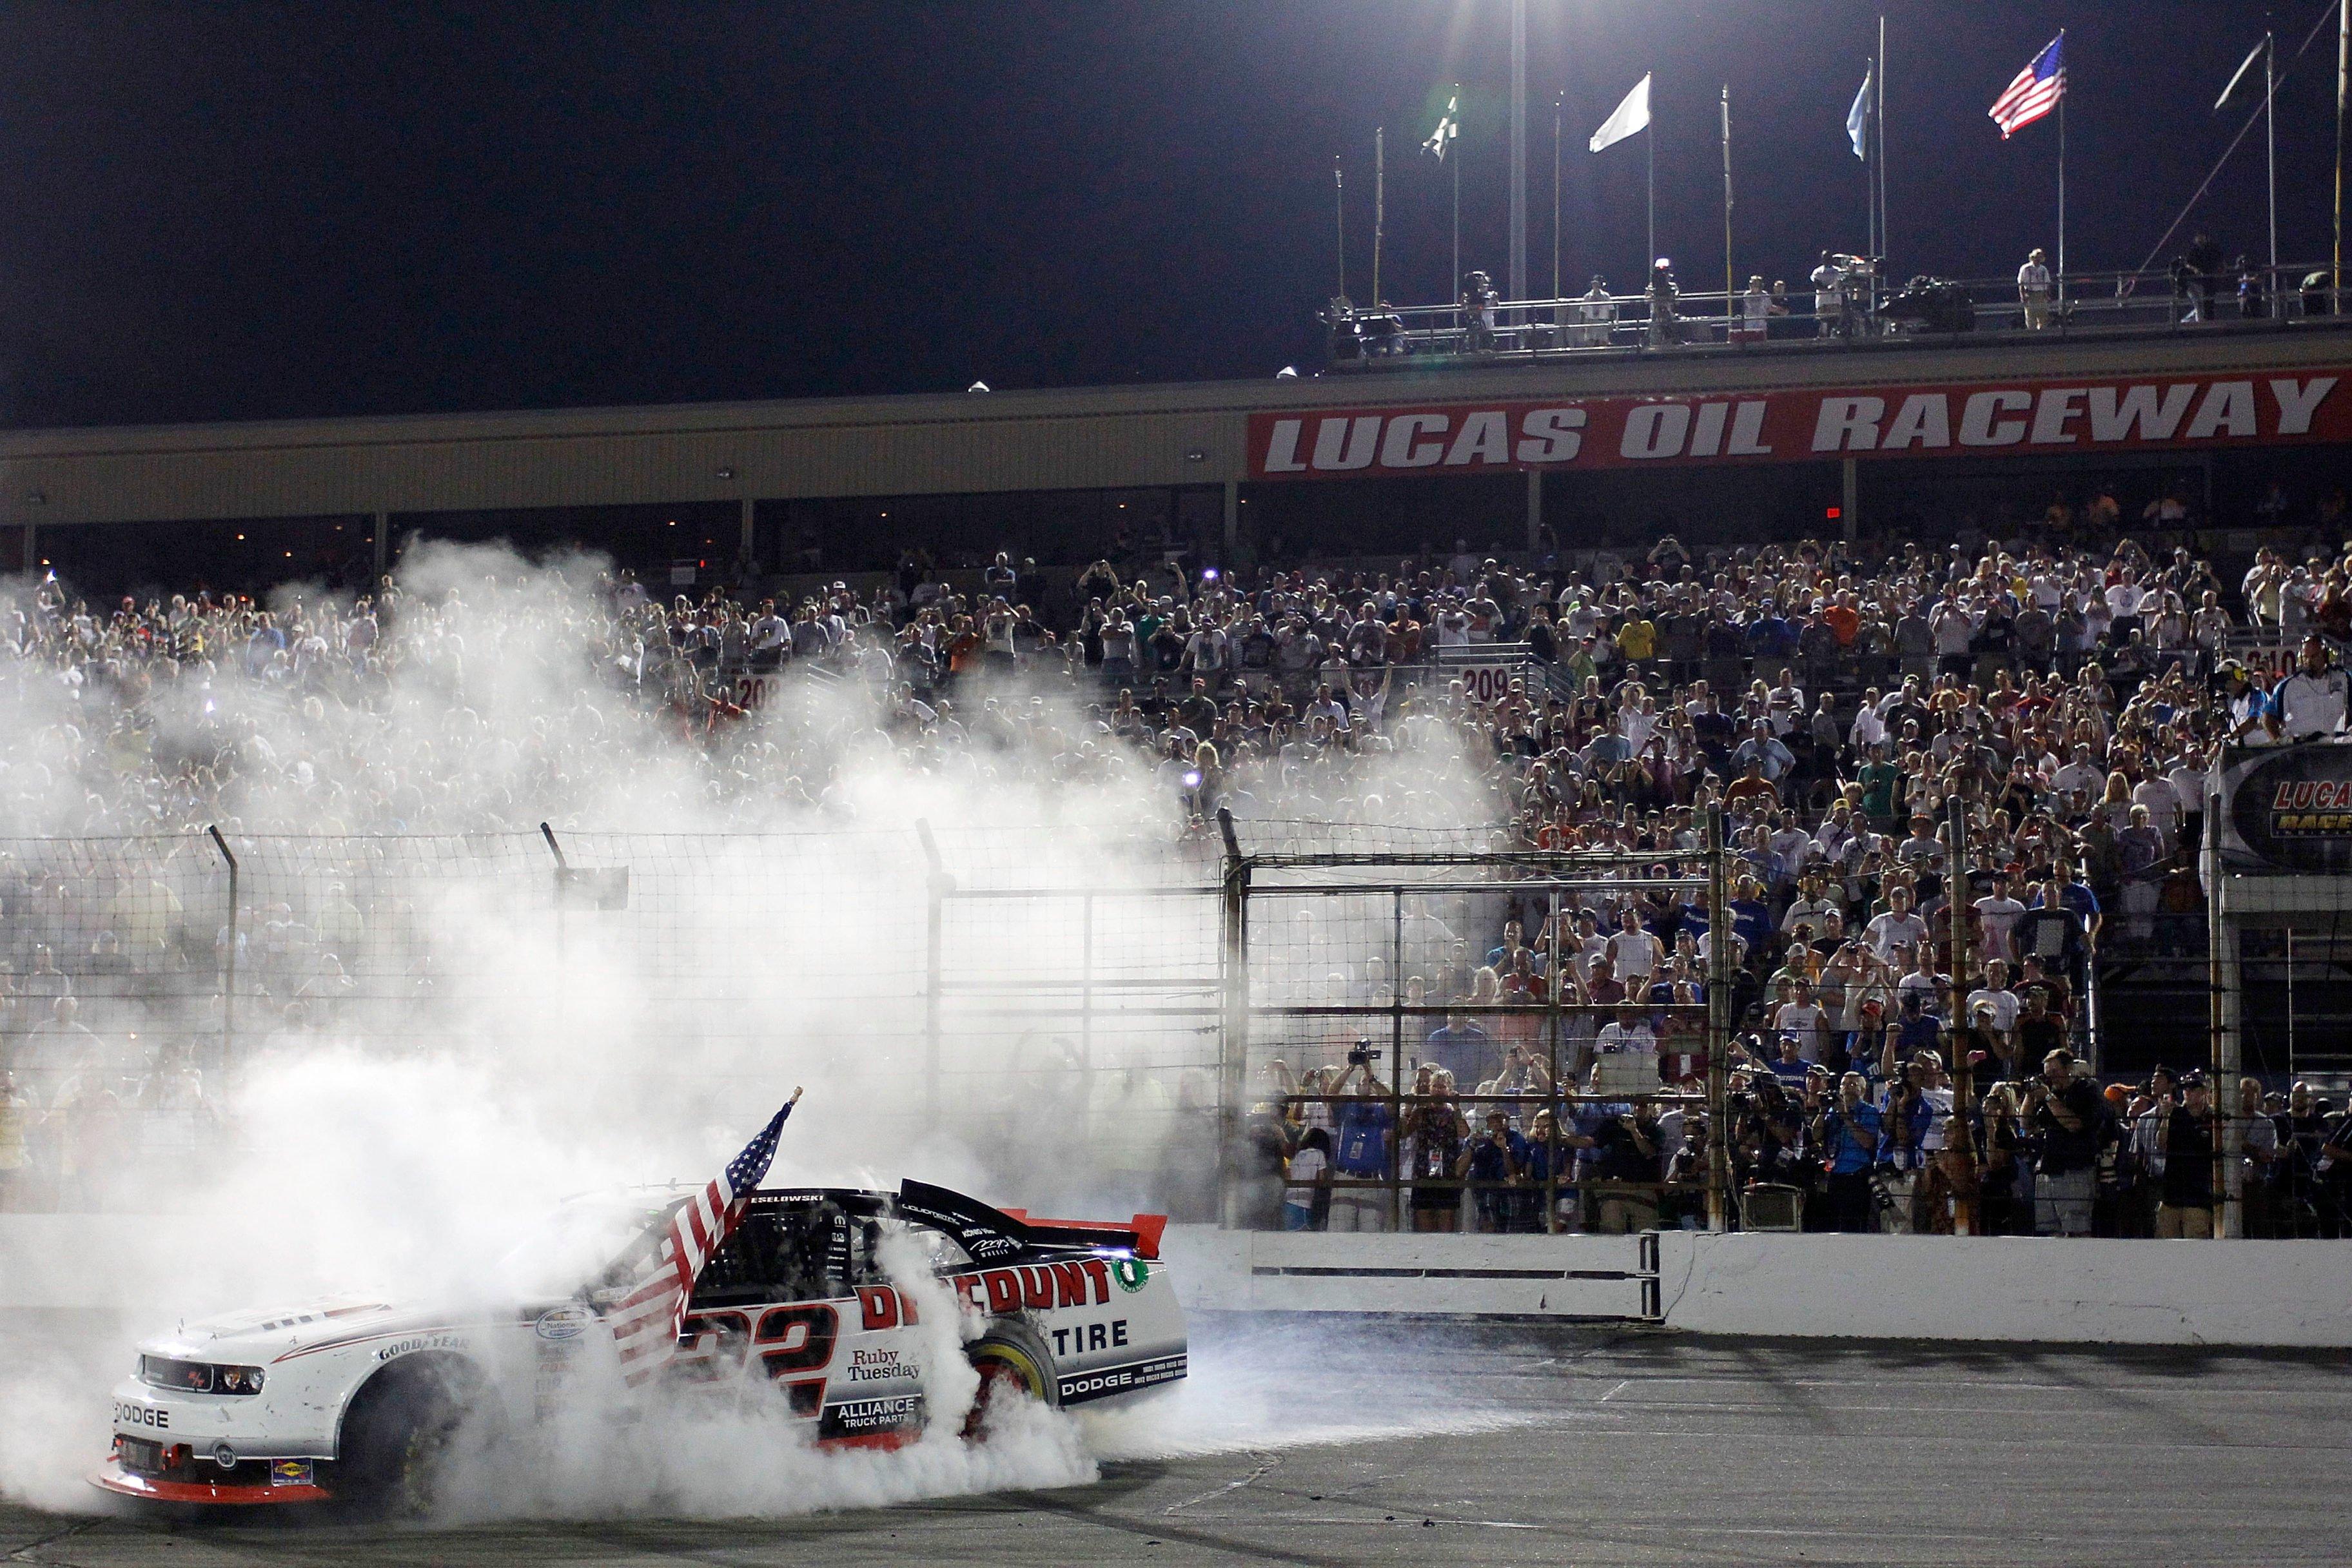 Brad Keselowski wins at Lucas Oil Raceway